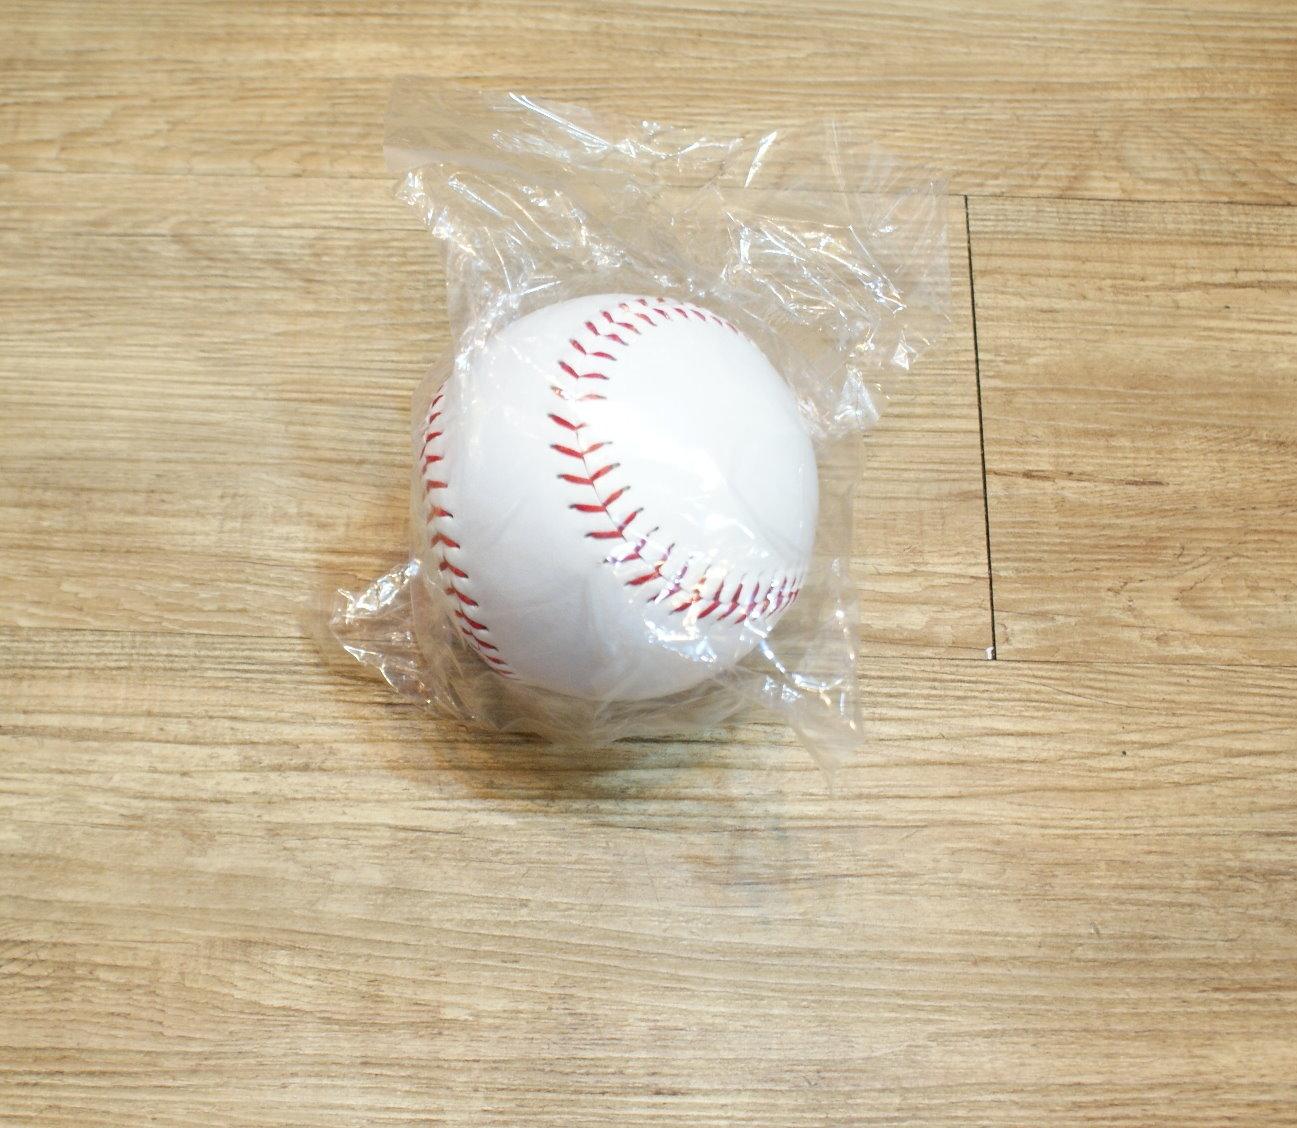 棒球世界 全新DL空白壘球一顆特價80